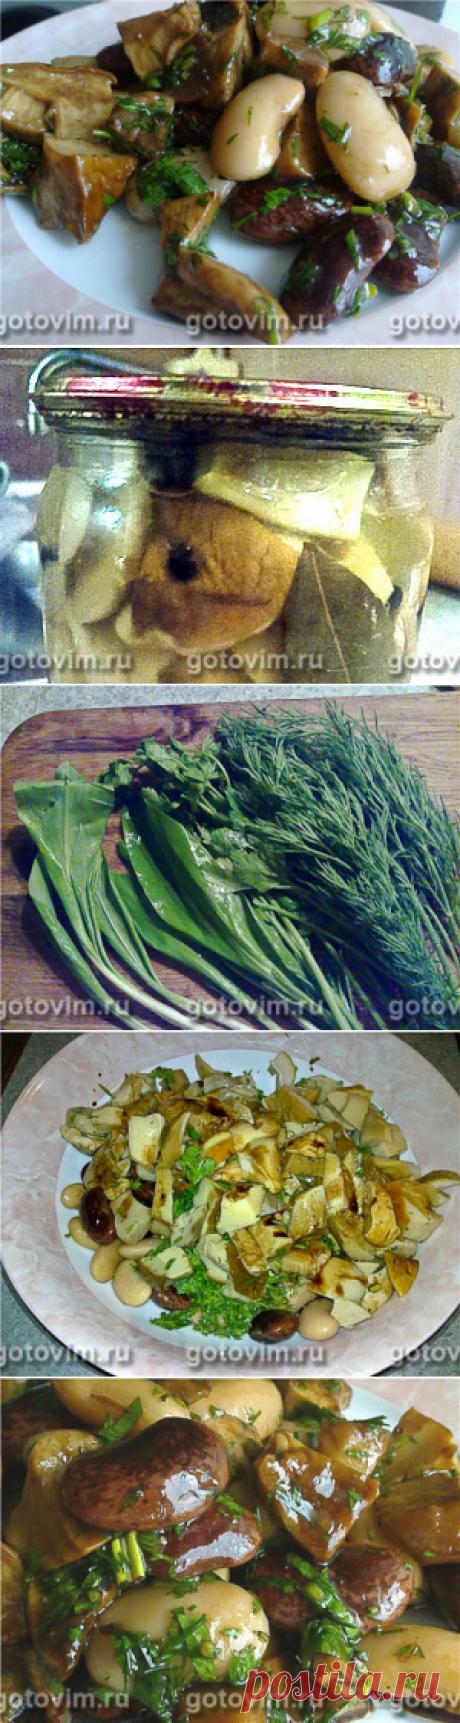 Салат из фасоли и белых грибов. Фото-рецепт фасоль; белые грибы (консервированные); петрушка, укроп, черемша; растительное масло; бальзамический уксус.